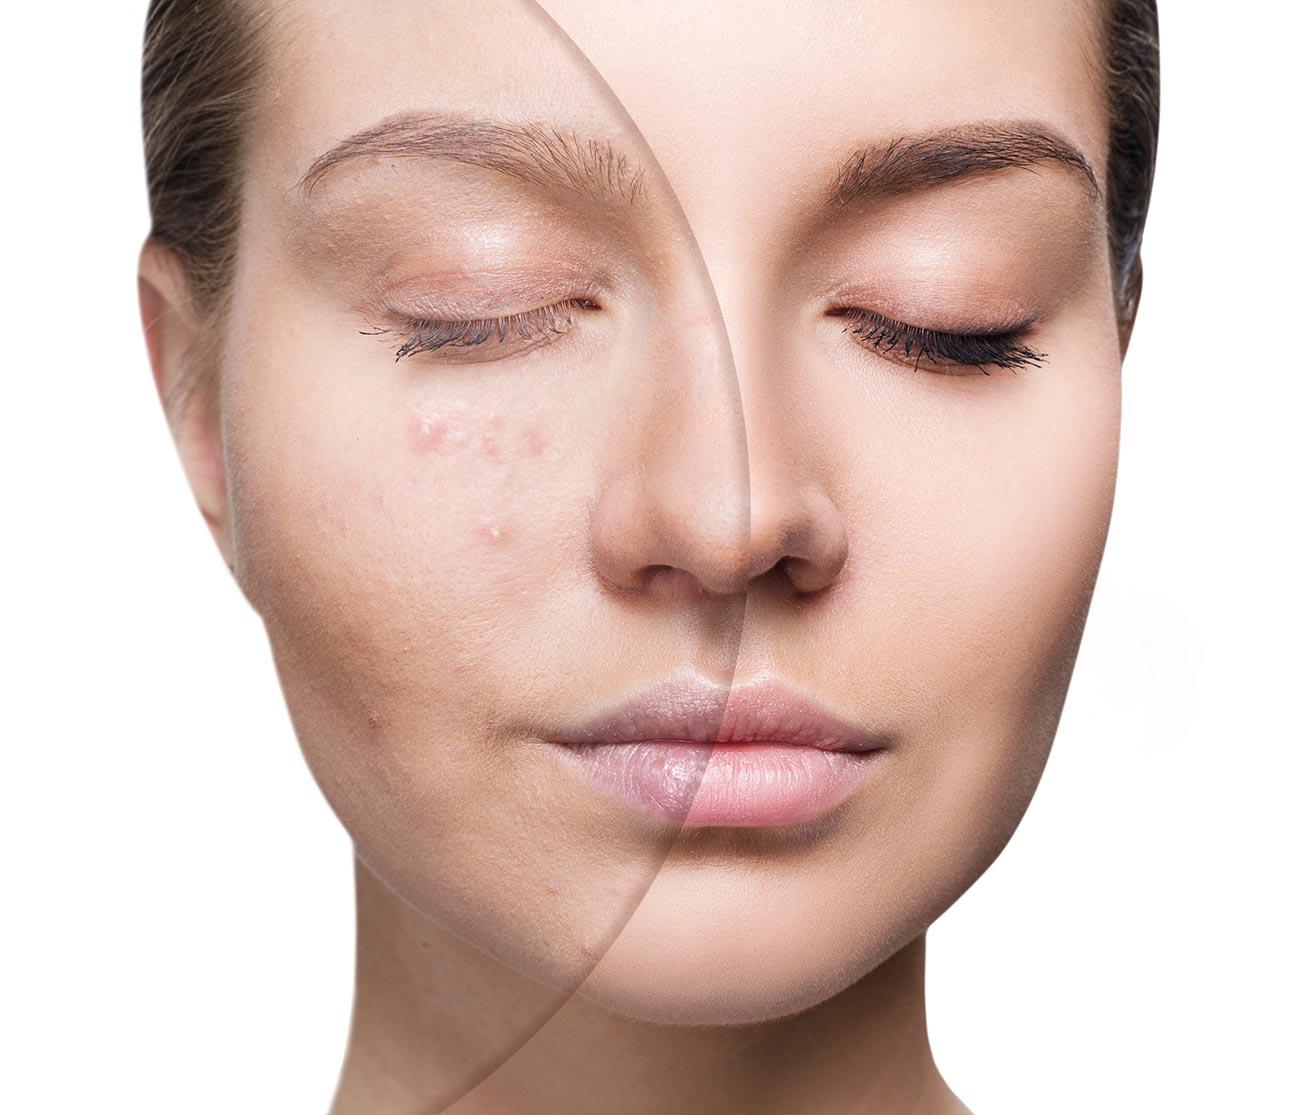 femeie cu acnee inainte si dupa tratament